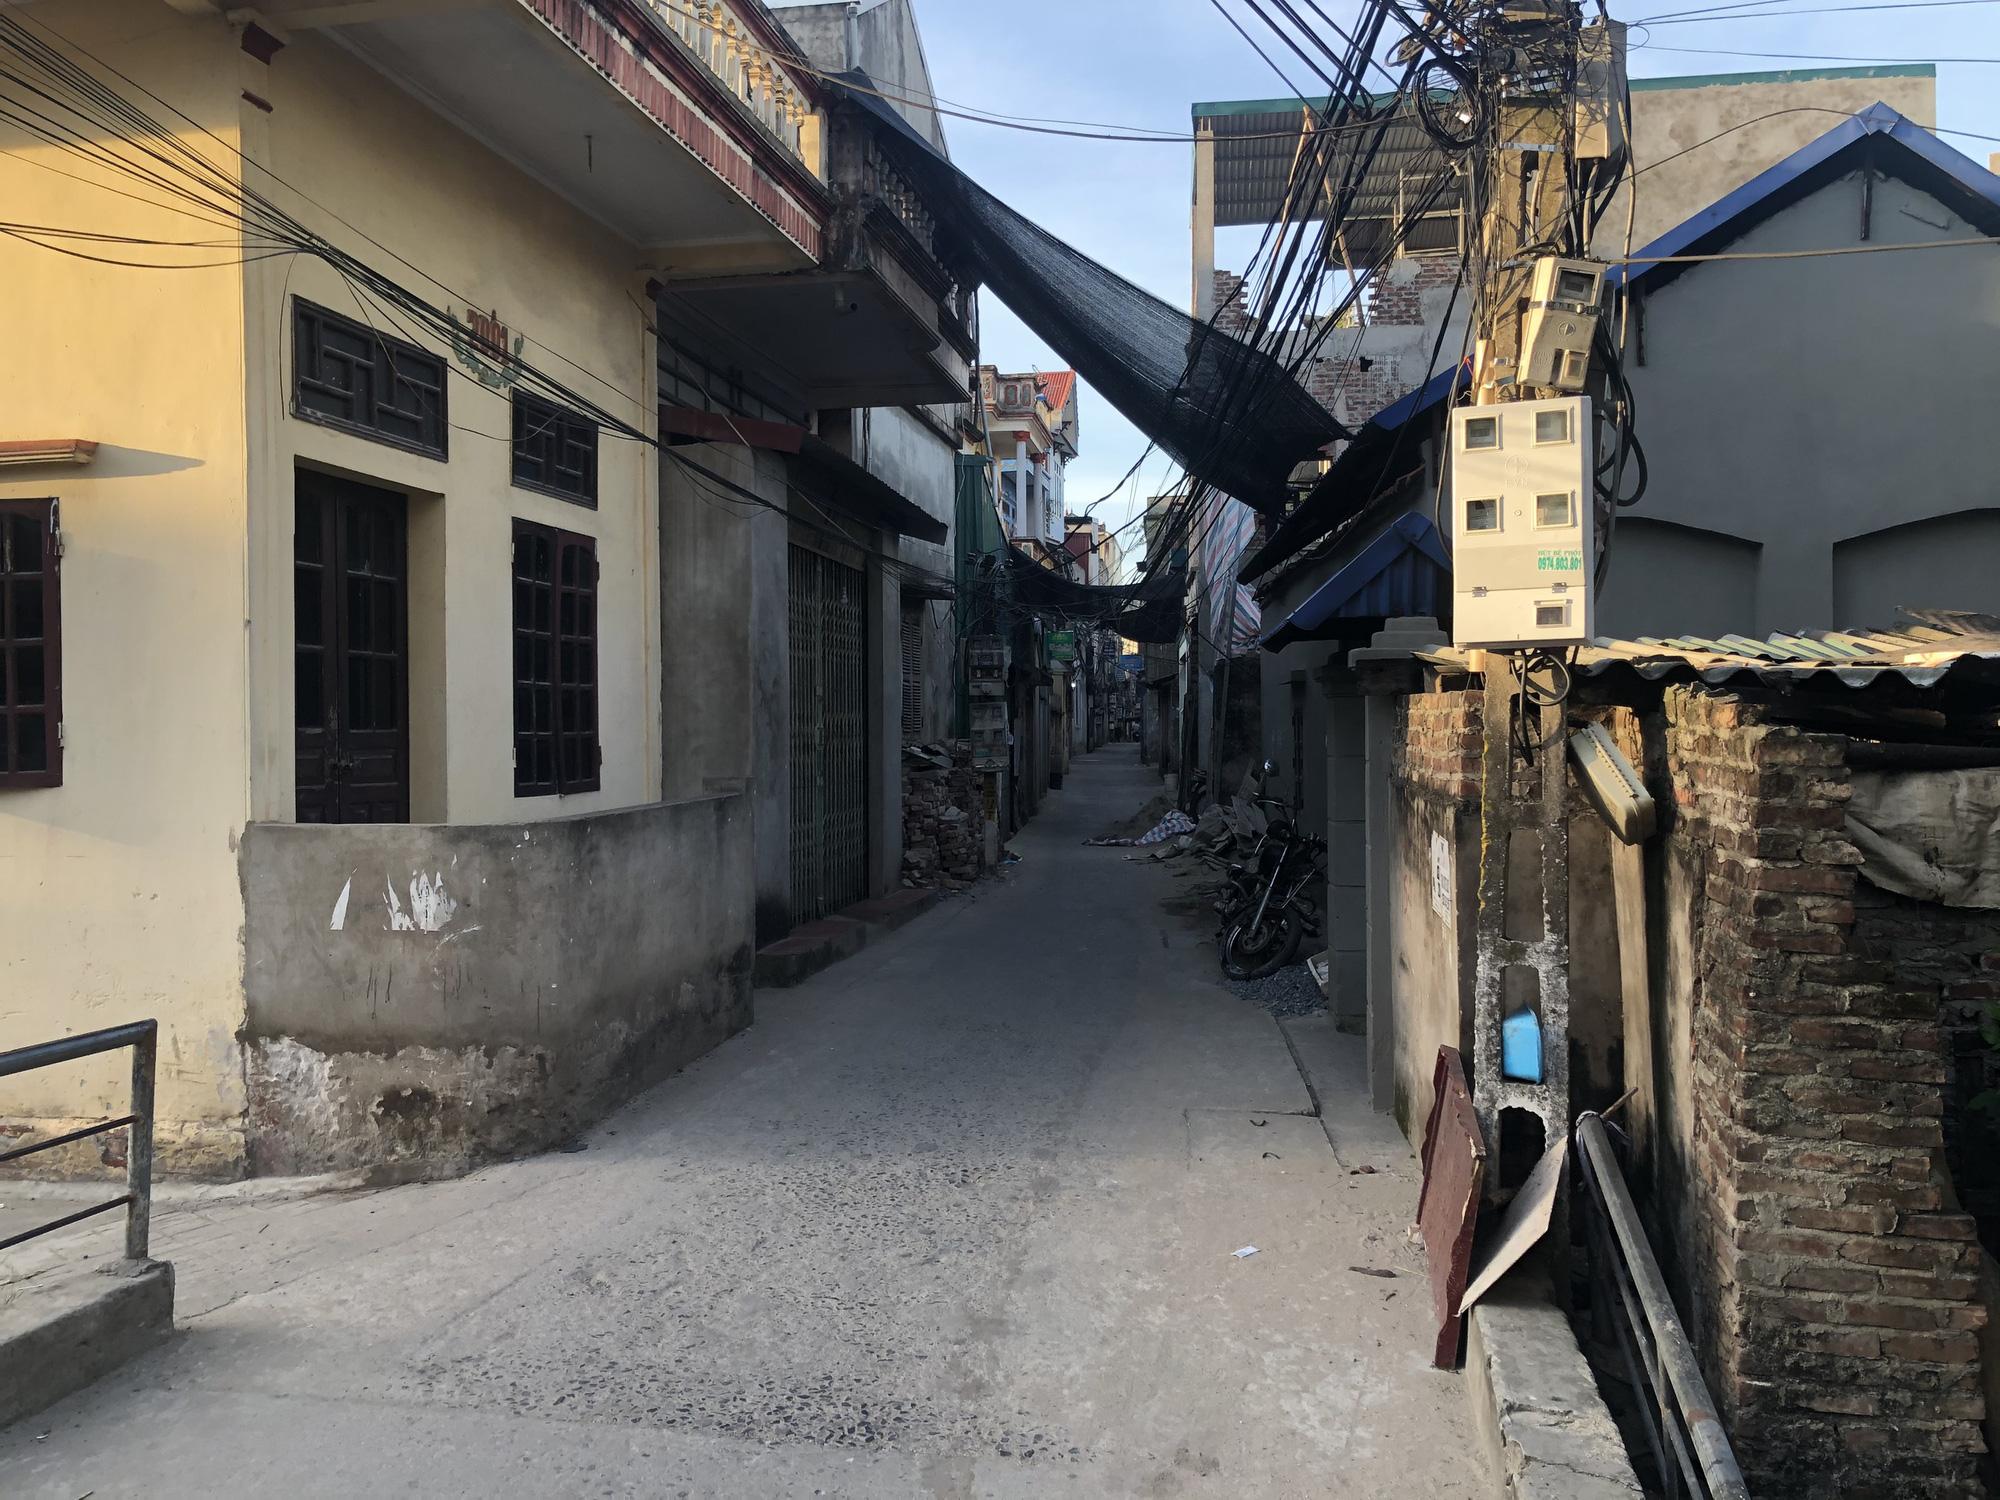 Kể chuyện làng: Chuyện làng Đắng, làng Giai - Ảnh 1.